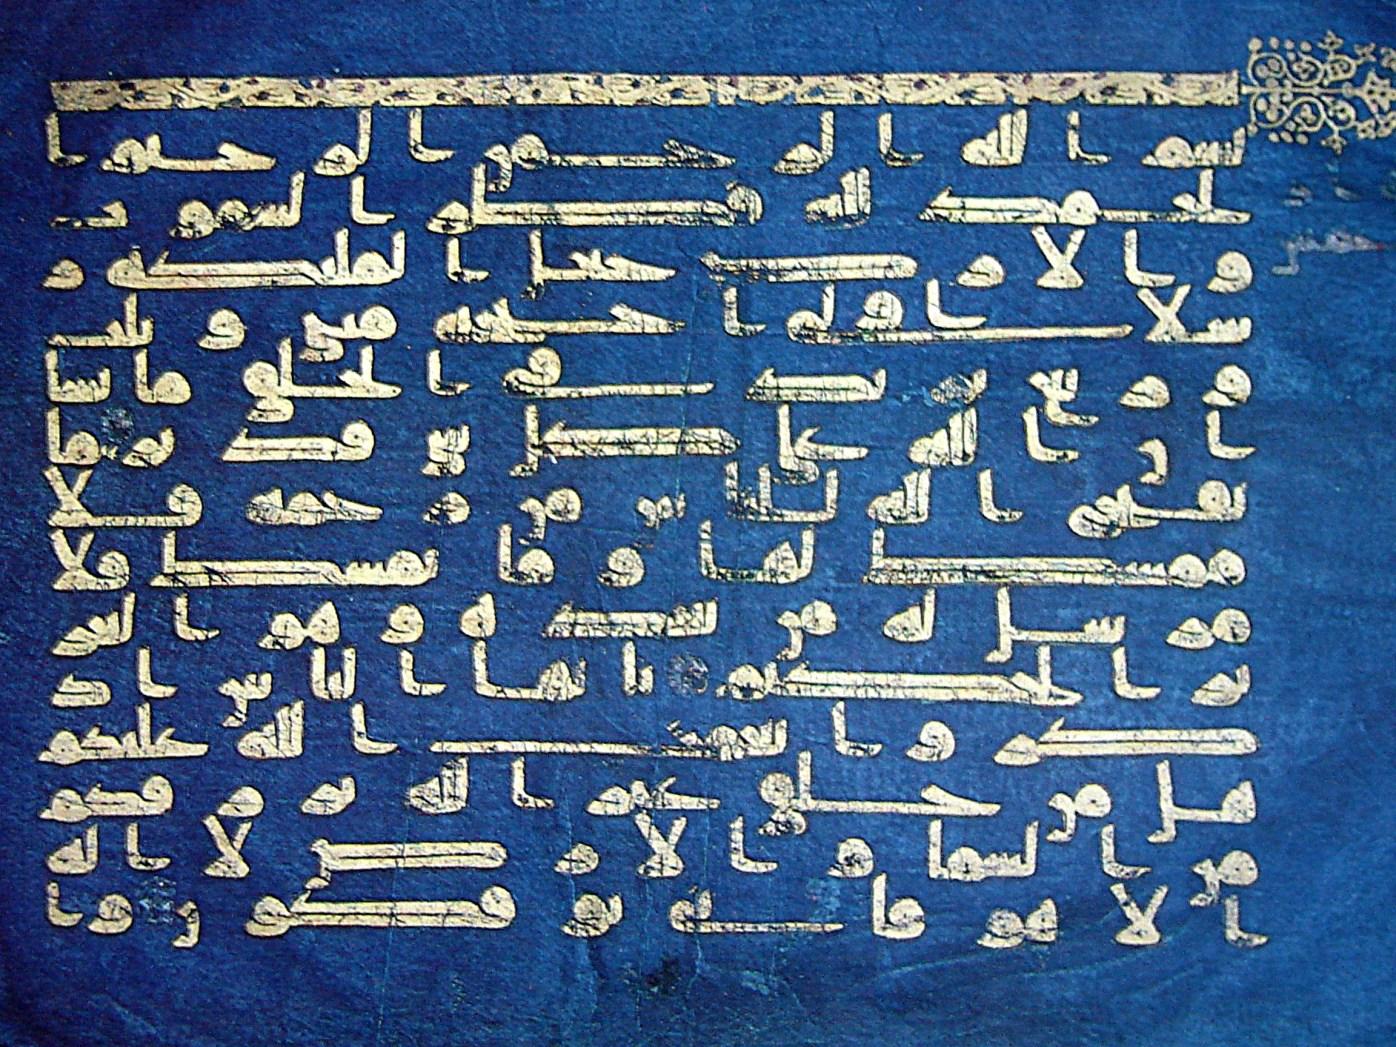 Coran bleu de Kairouan - sourate 35 - Musée national du Bardo